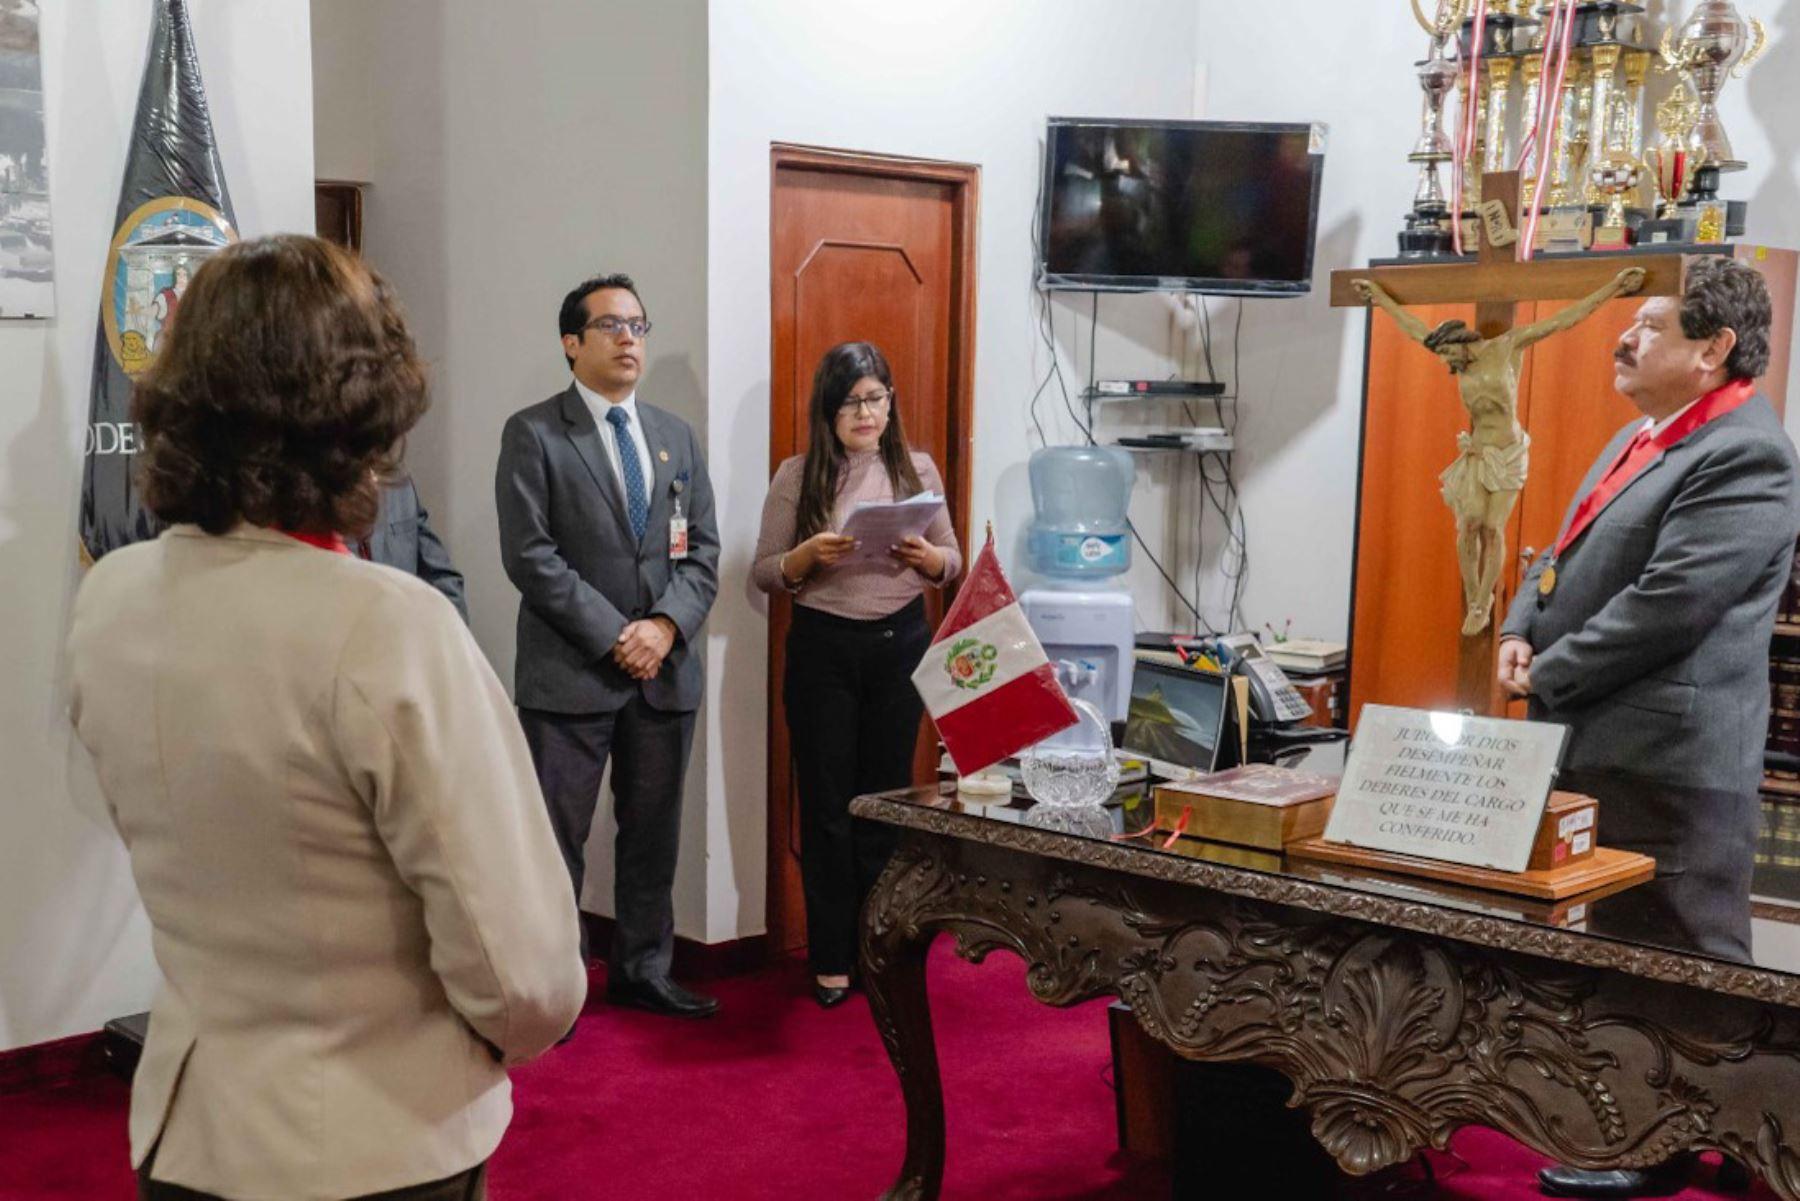 Los Jurados Electorales Especiales (JEE) de Áncash, Cusco y Pasco ya cuentan con sus respectivos presidentes que prestaron el juramento respectivo para conducir estas instancias en los comicios congresales extraordinarios que se realizarán el próximo 26 de enero de 2020.